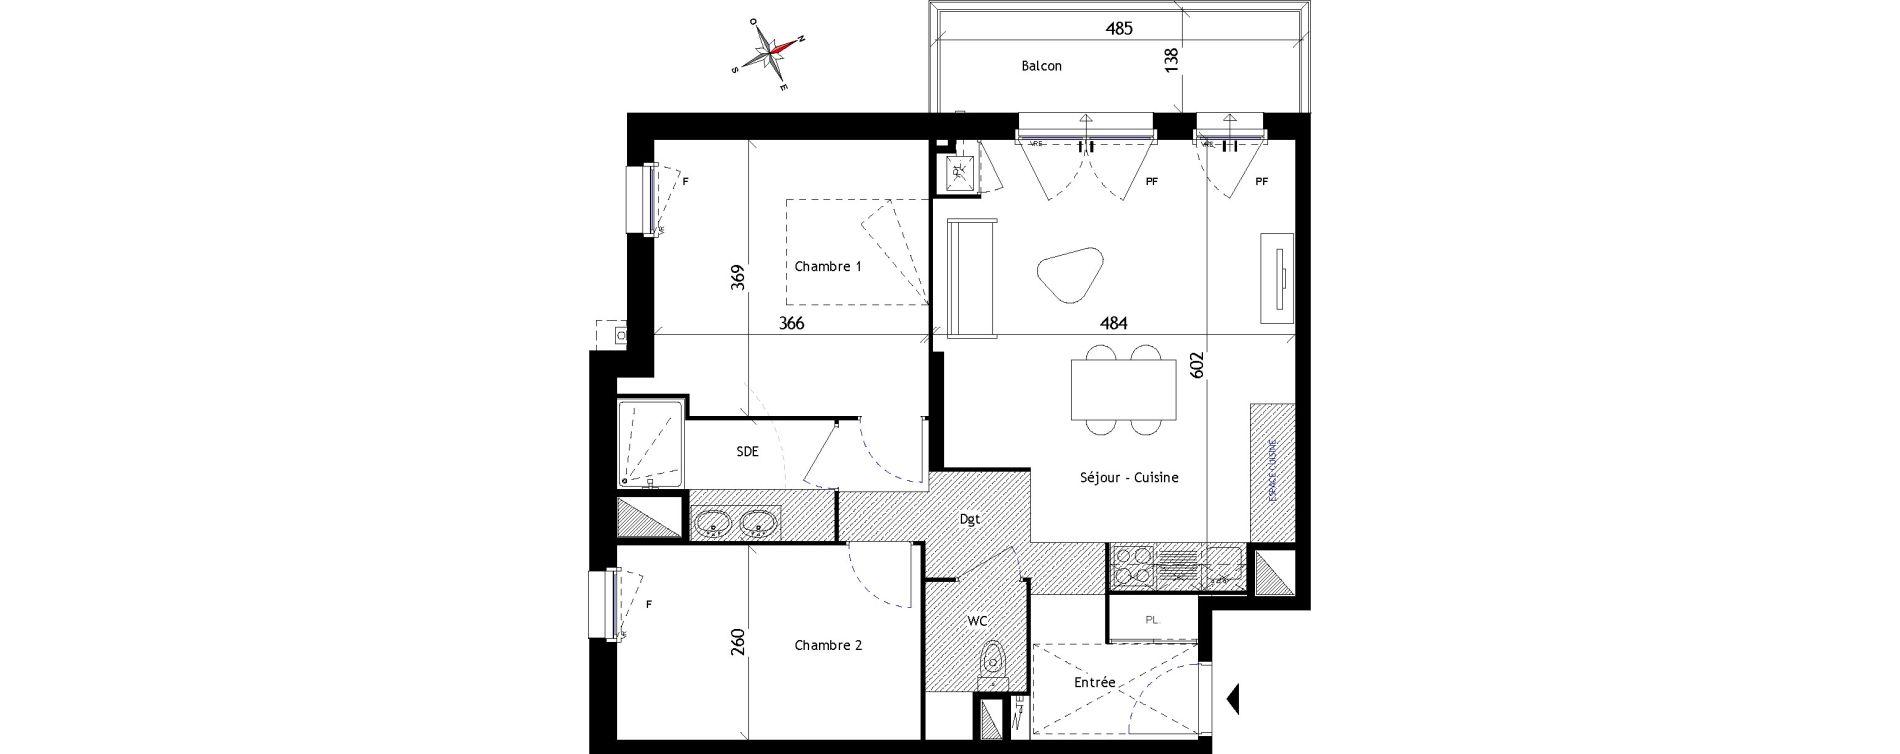 Appartement T3 de 65,20 m2 aux Sorinières Centre